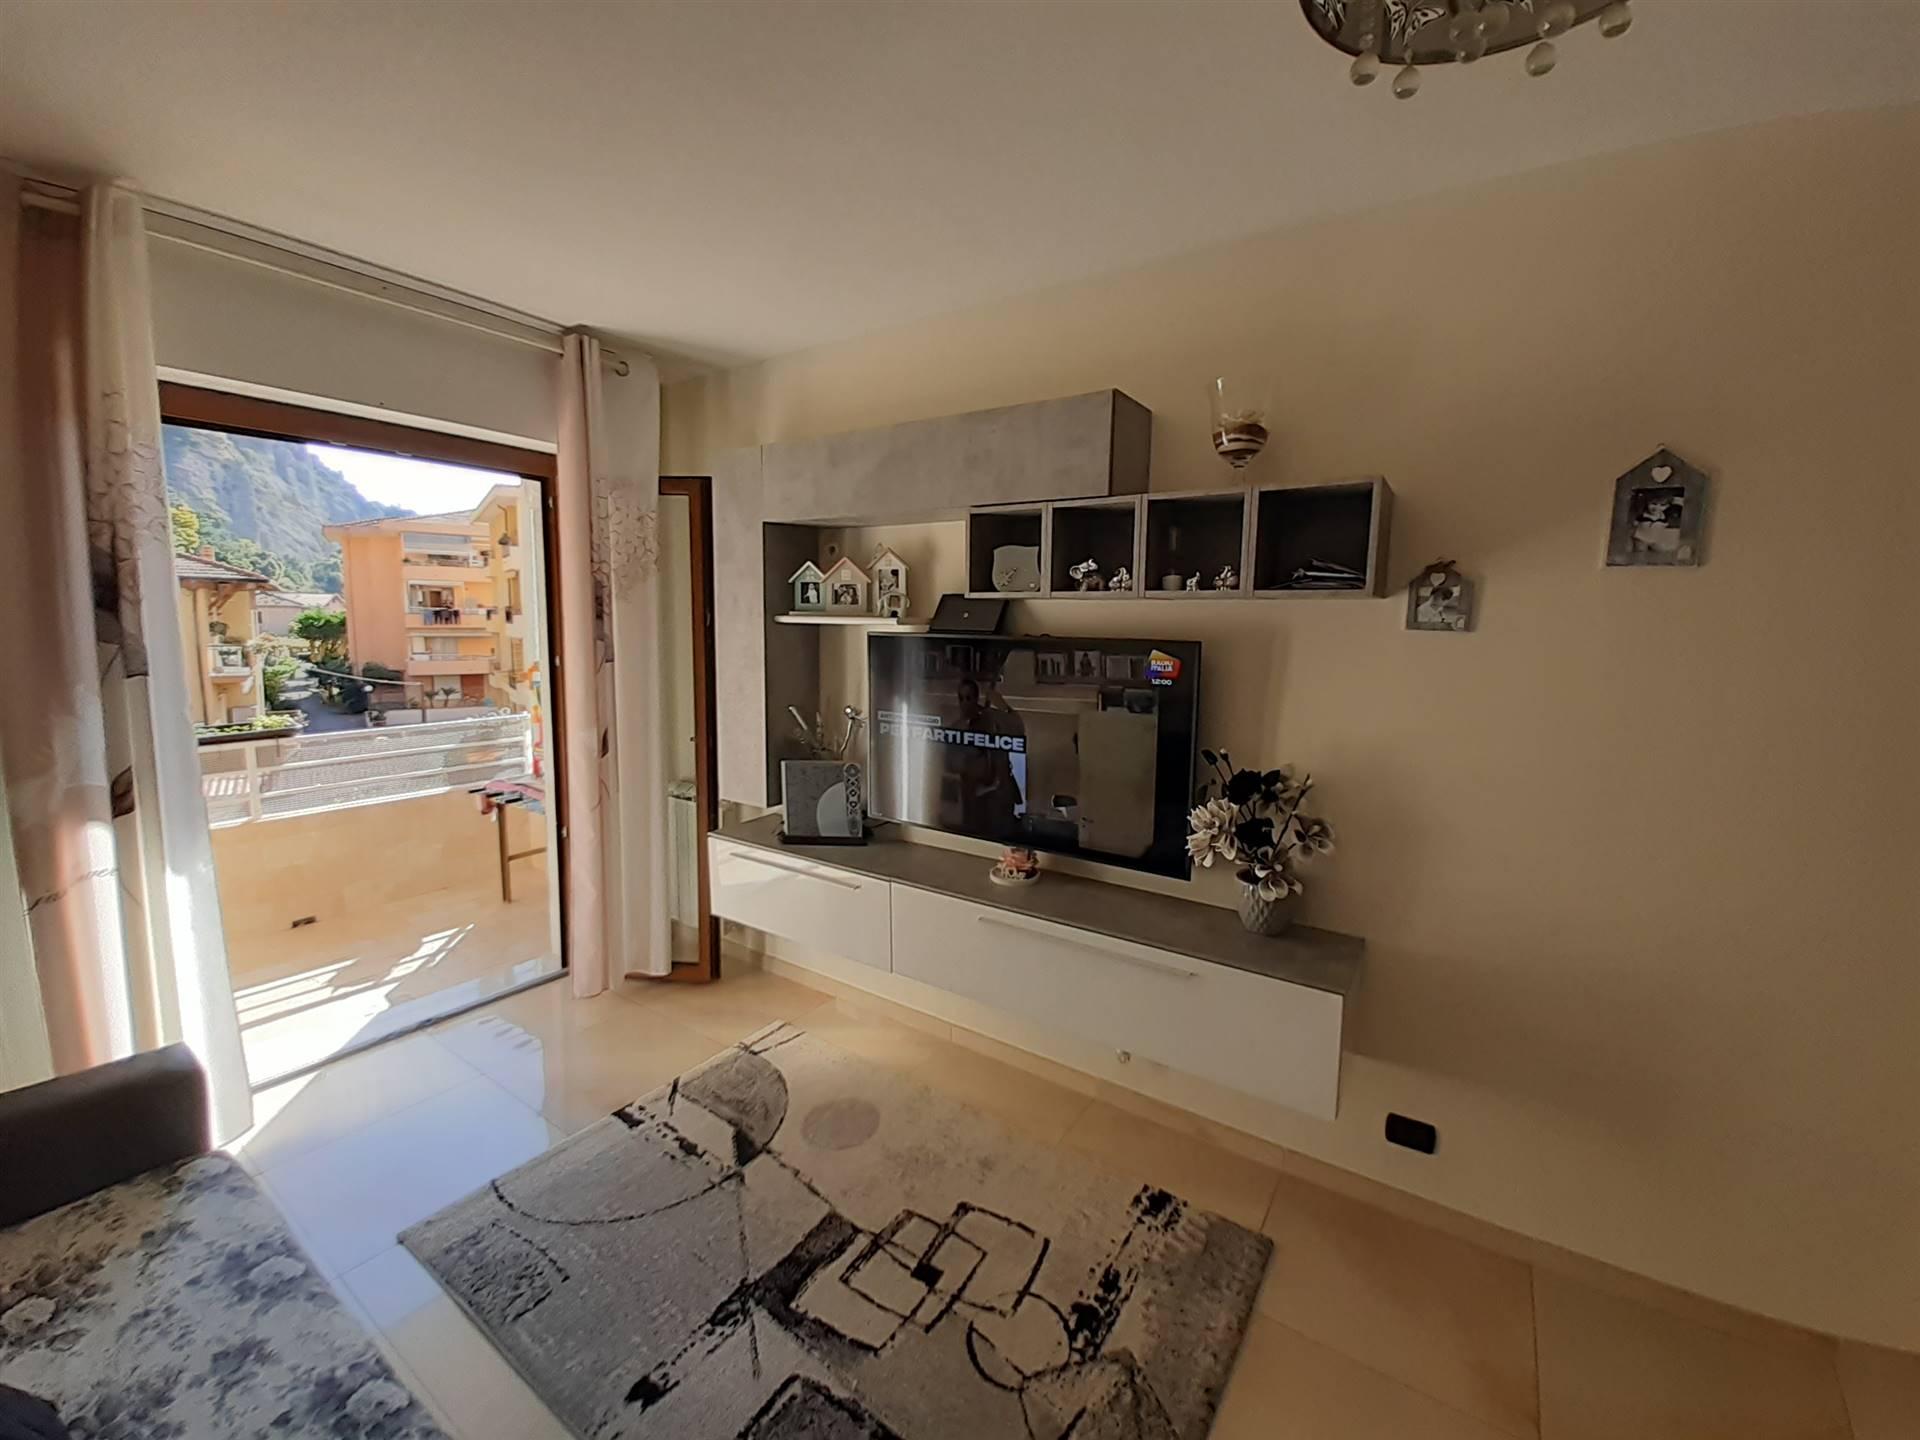 Appartamento in vendita a Ventimiglia, 2 locali, zona rino, prezzo € 125.000 | PortaleAgenzieImmobiliari.it